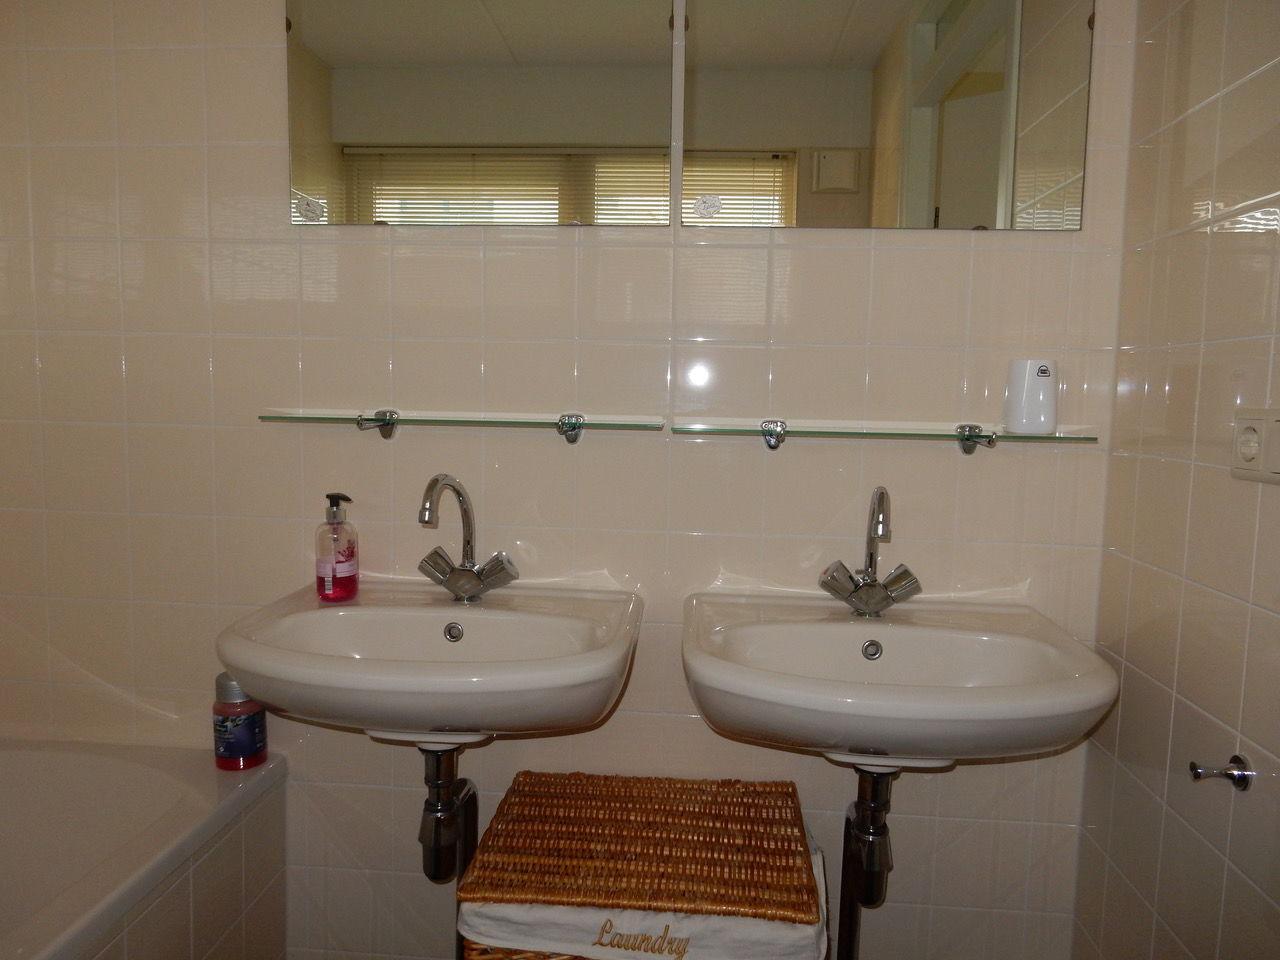 2 Badezimmer im Haus, 3 Toiletten